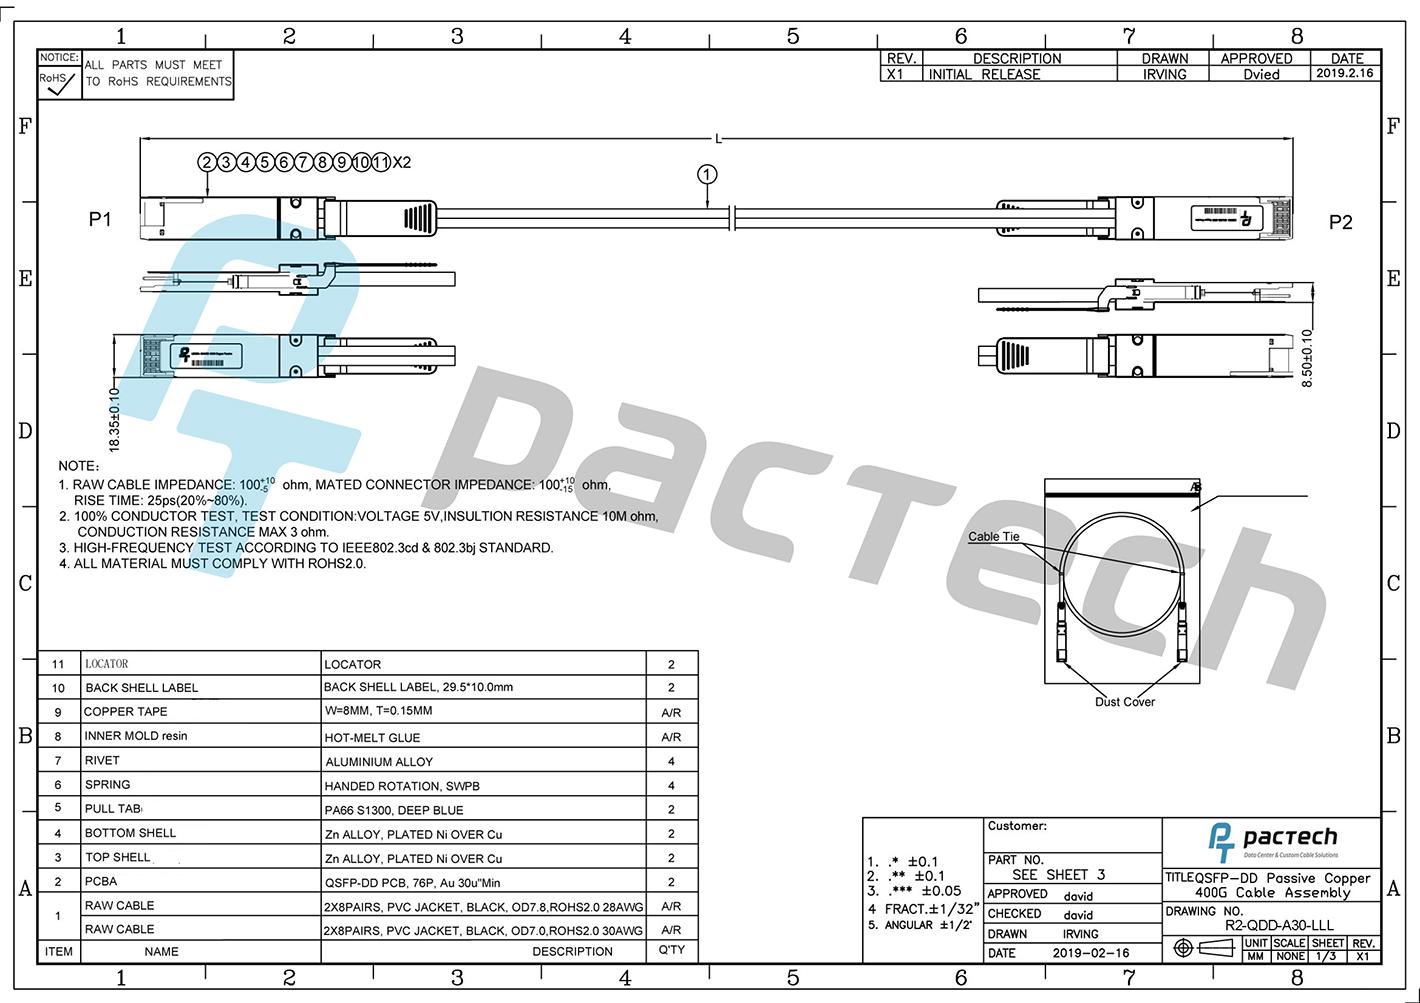 New Direct Attach Copper Dac Cable